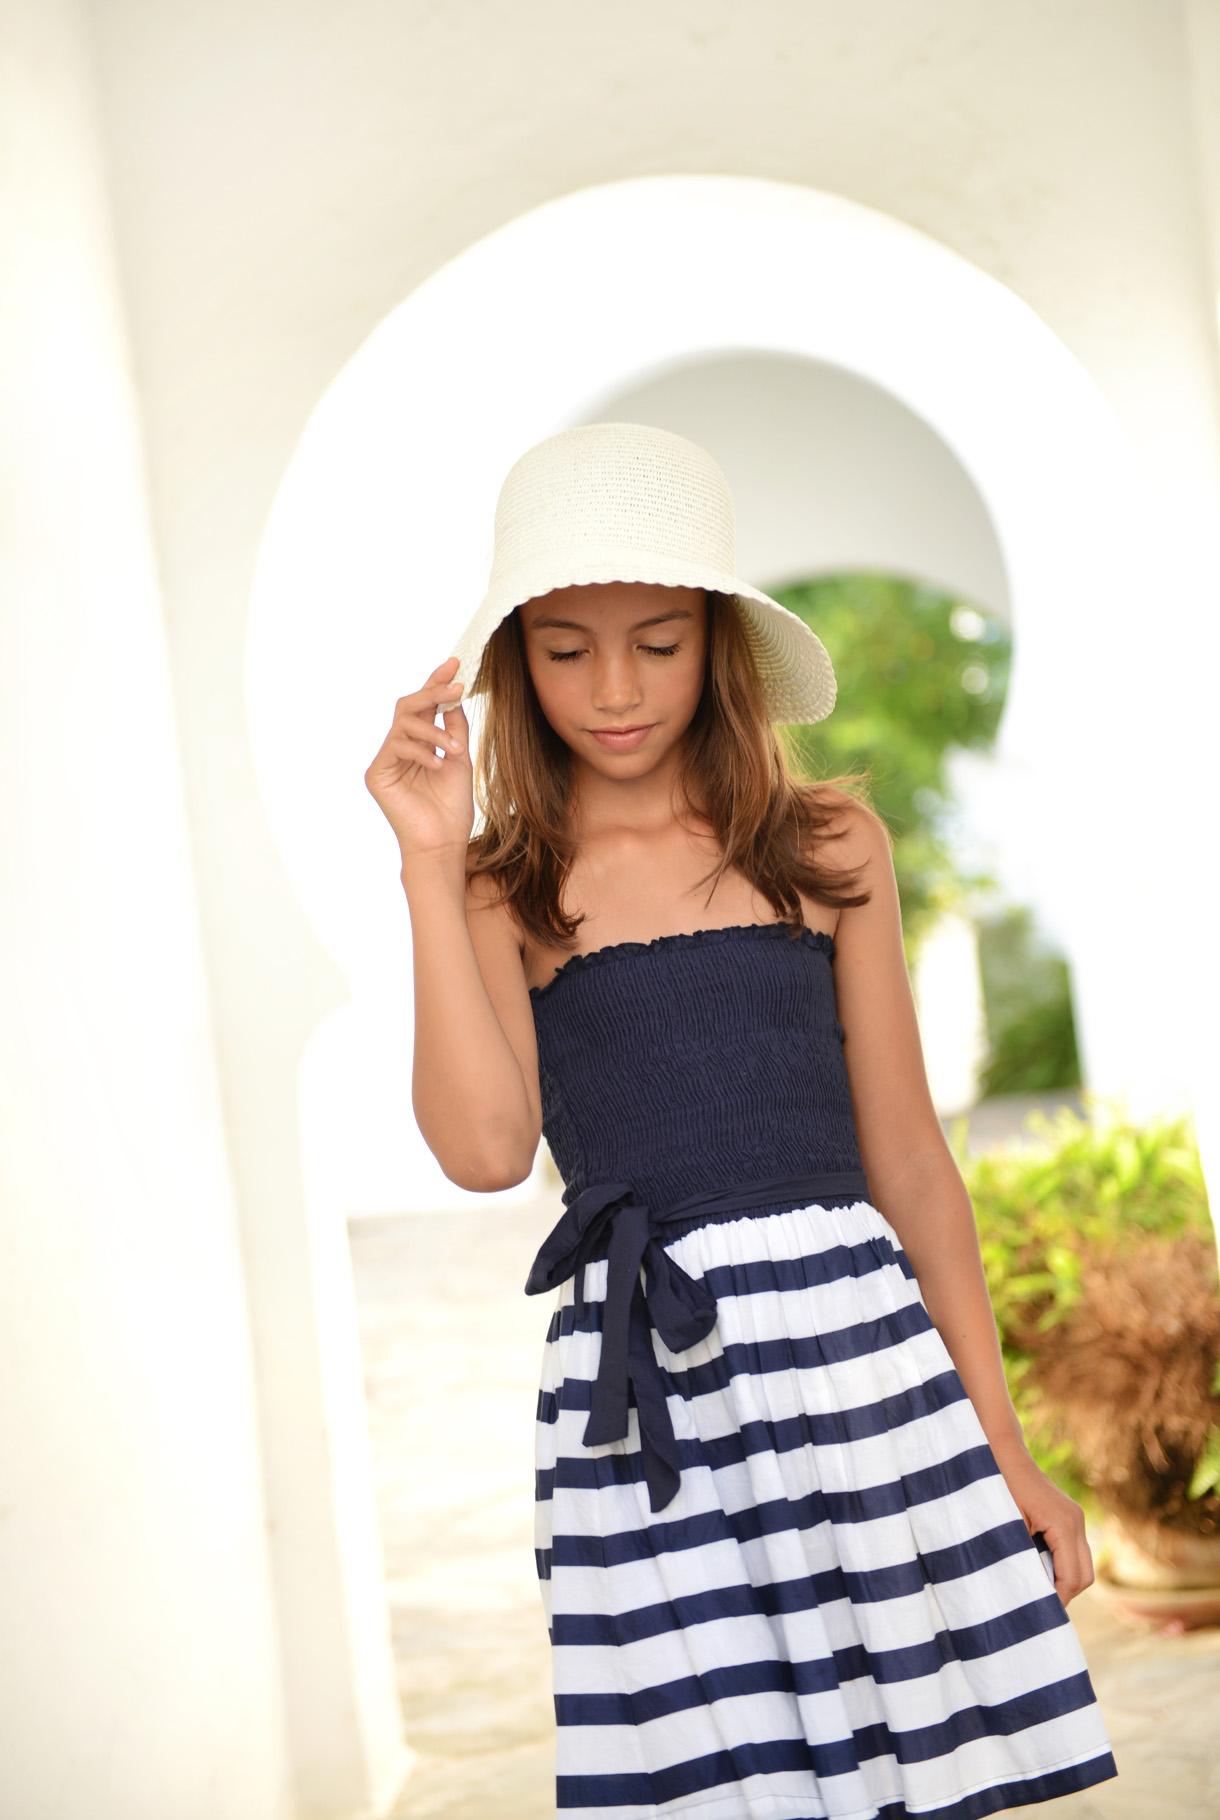 fotografos moda infantil malaga